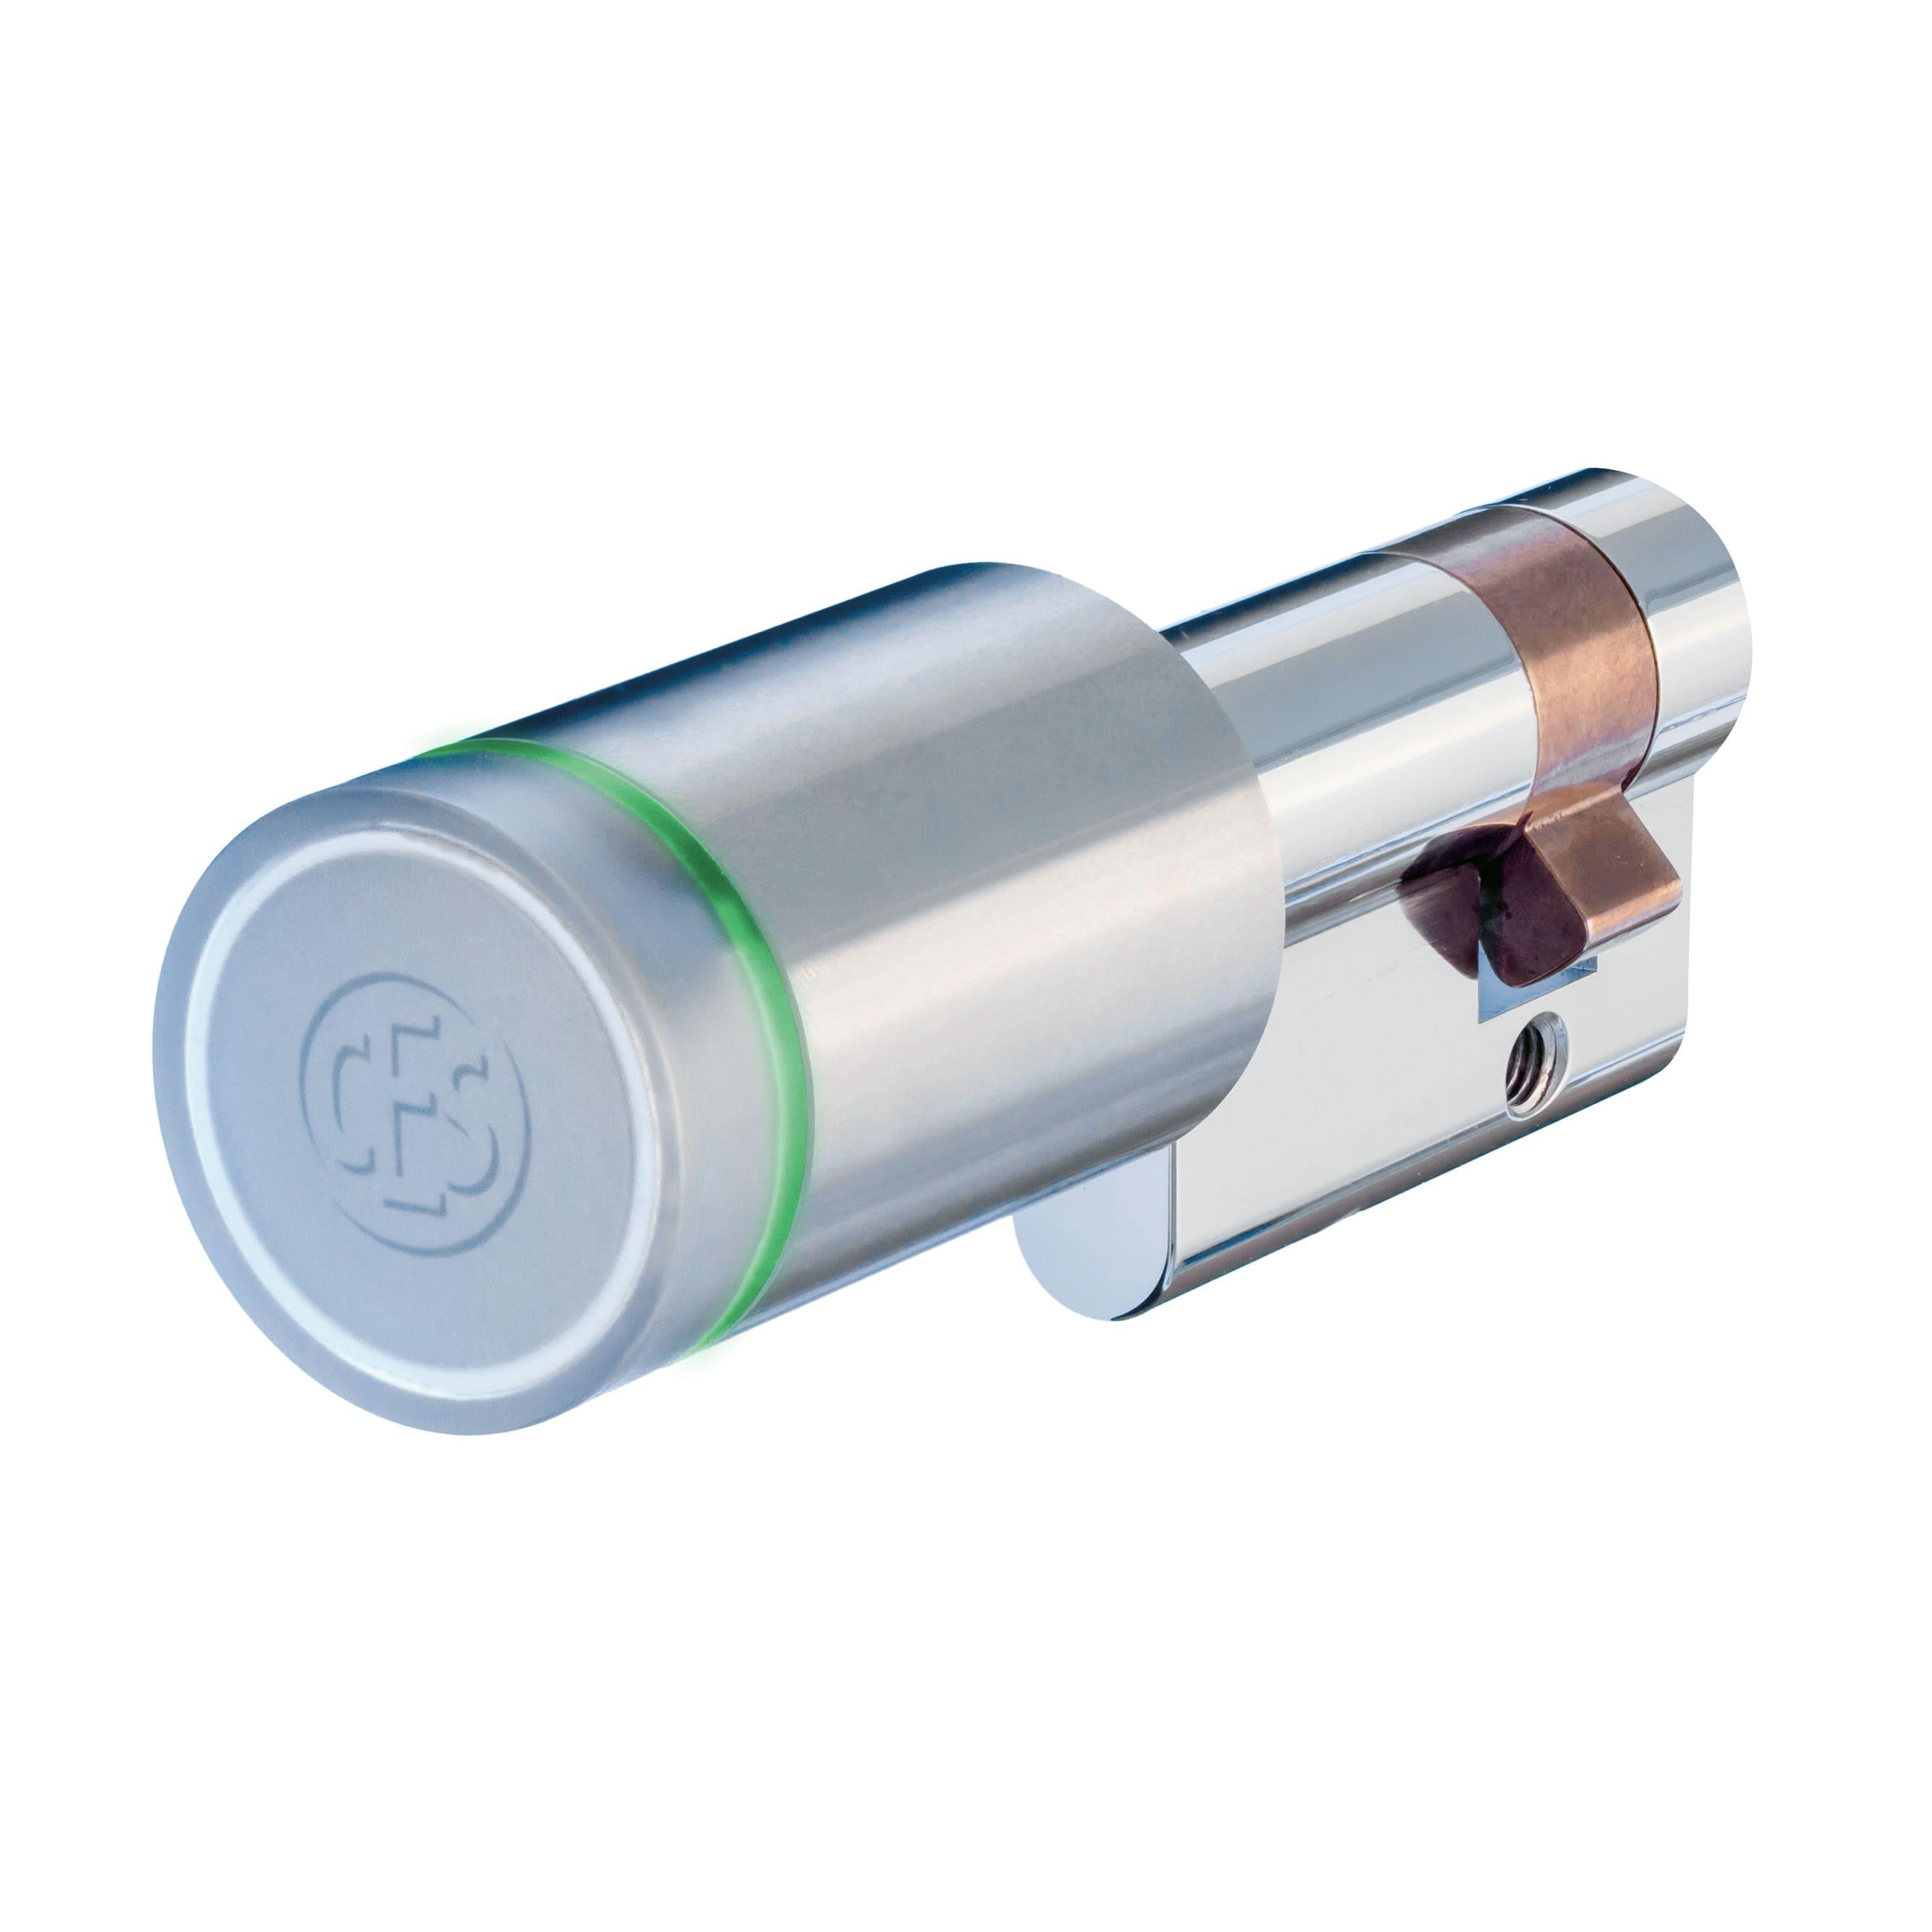 CES Omega Flex Halbzylinder